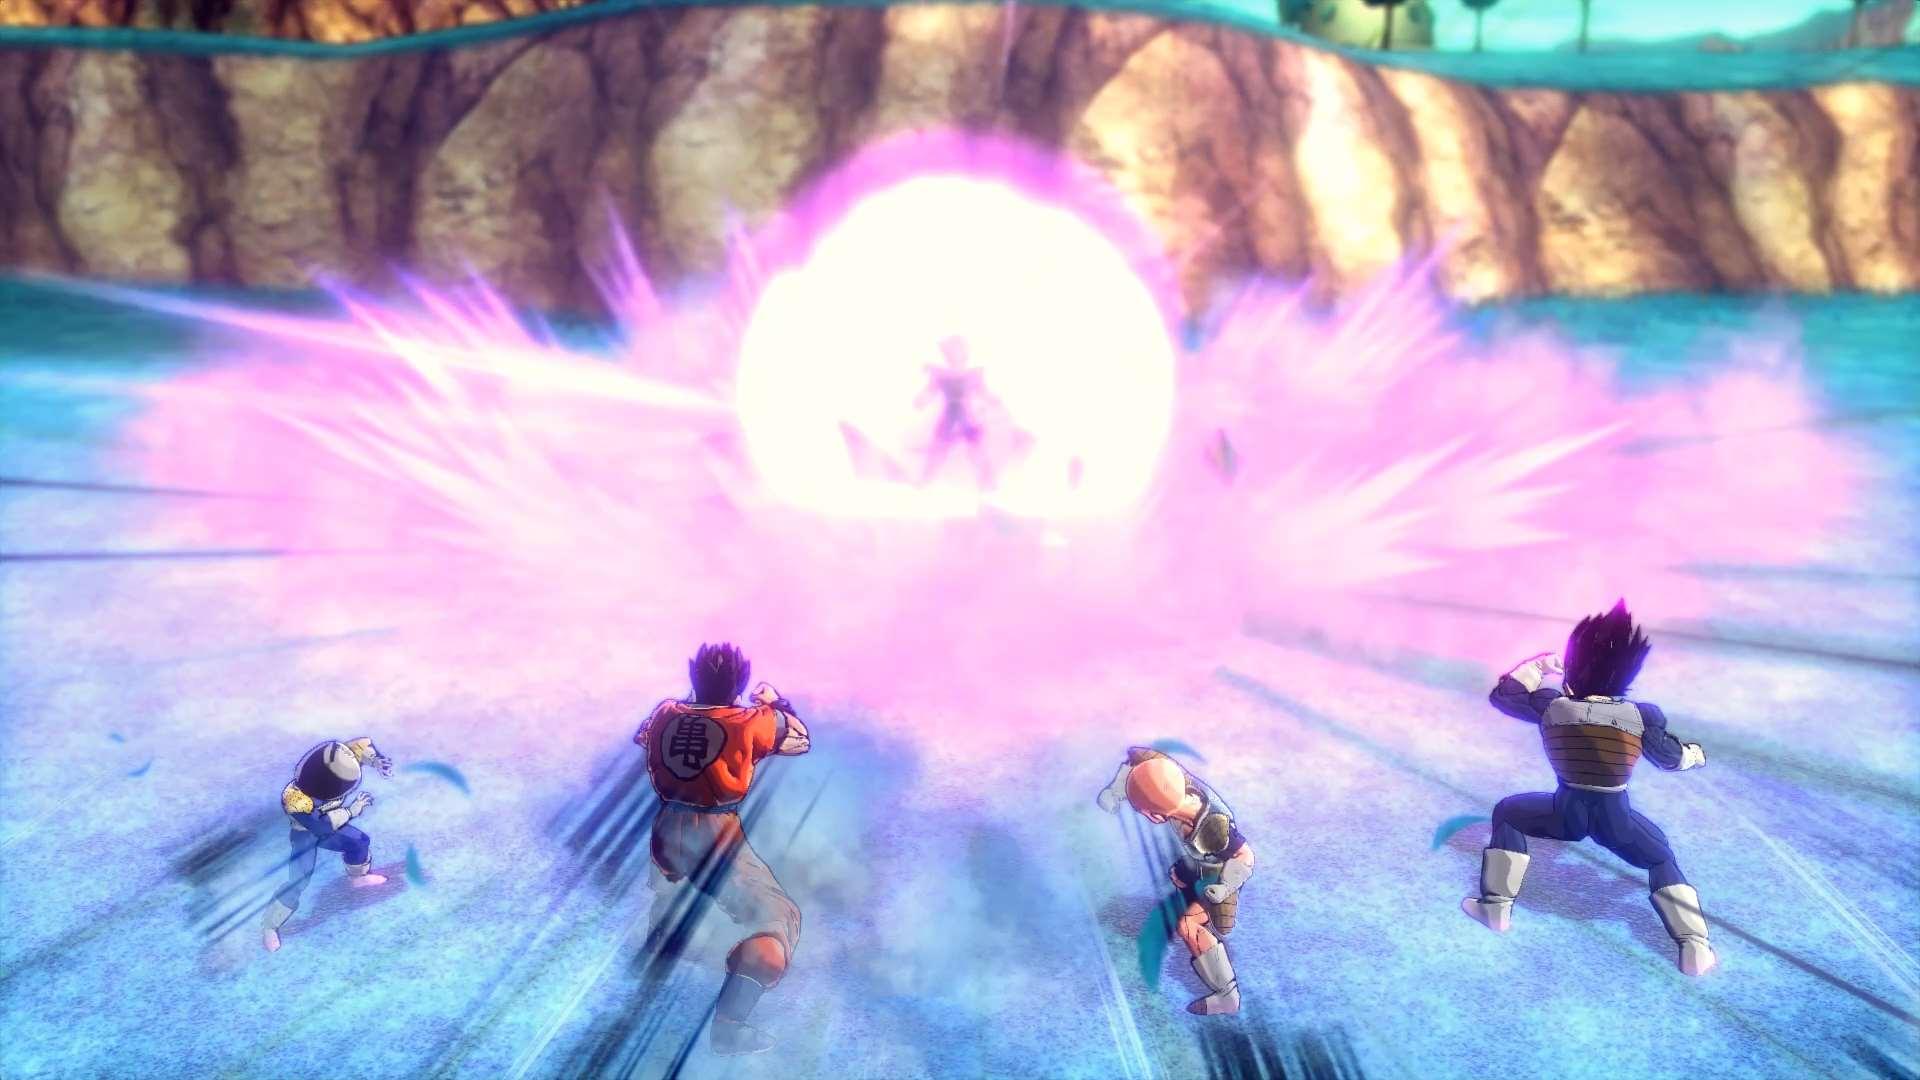 Wallpapers, fond d'ecran pour Dragon Ball Xenoverse PC